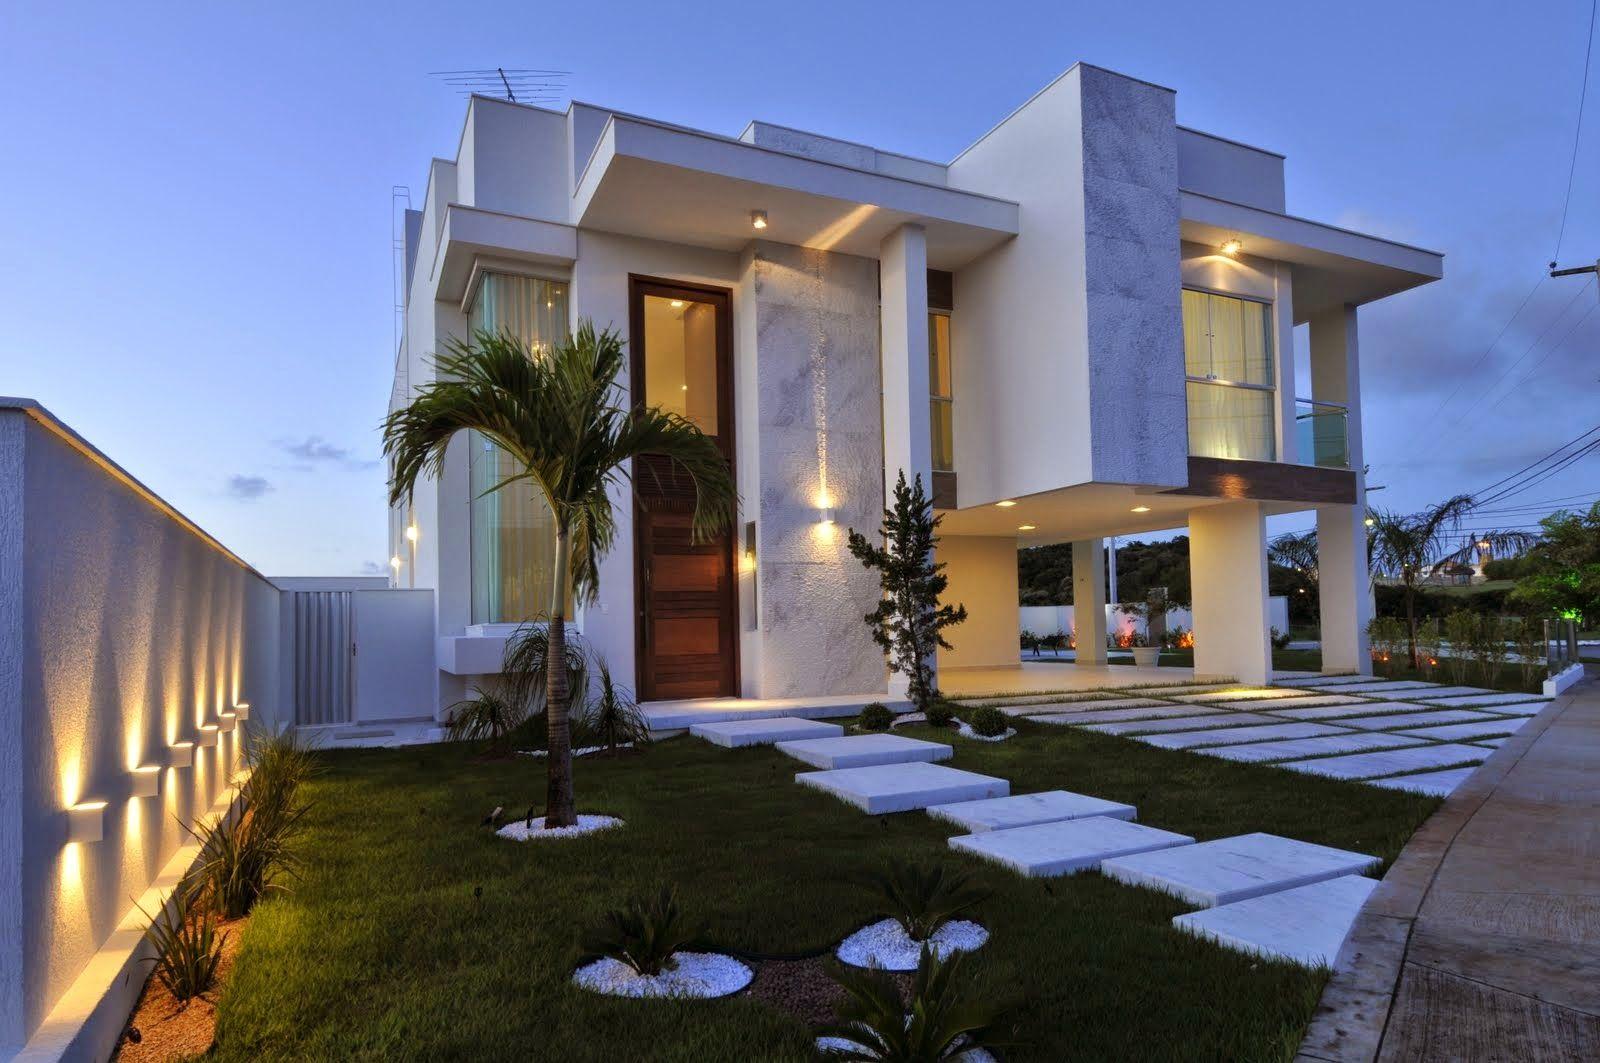 Pin de cynthia pacheco en fachadas de casas pinterest for Interiores de casas modernas